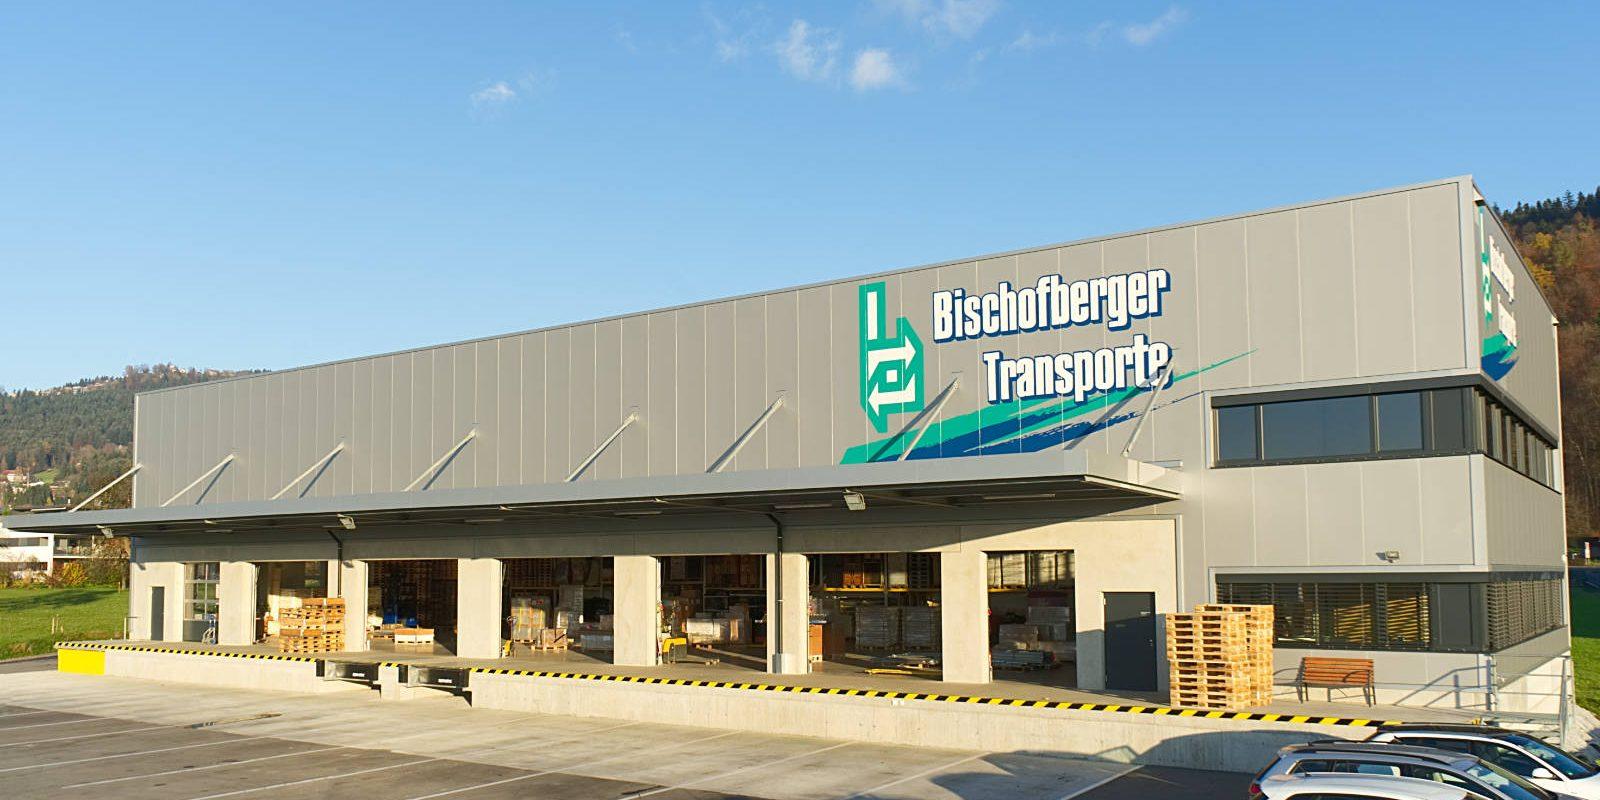 Schwarzenberg-lager-bischofberger-transporte-1